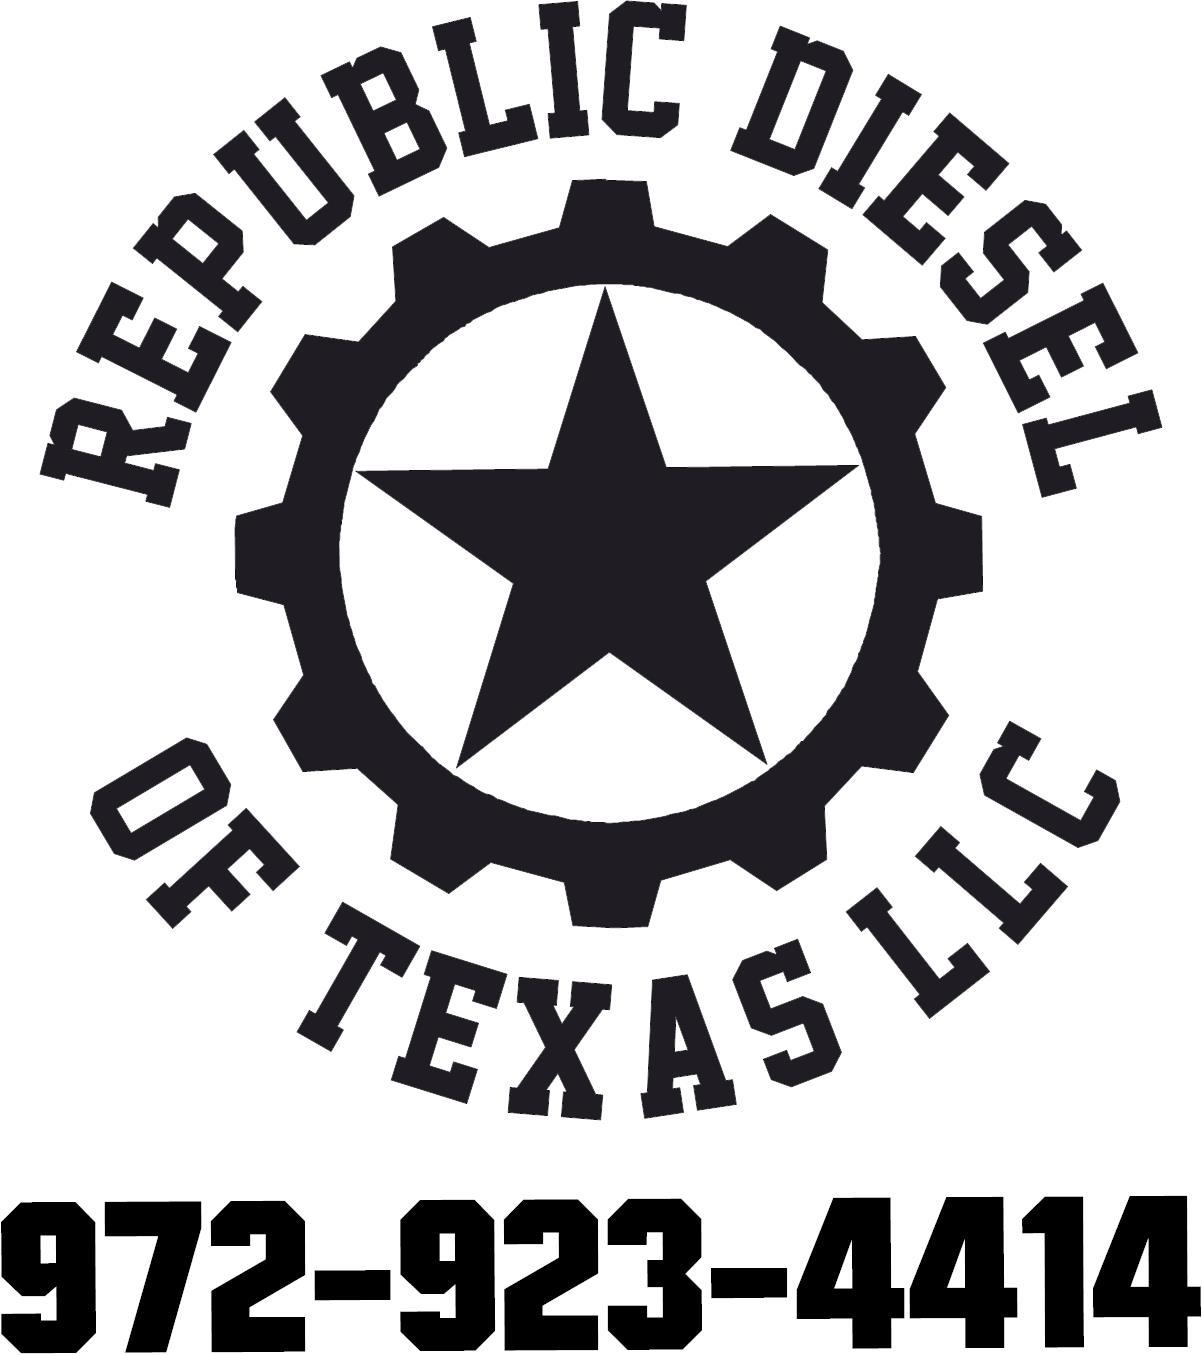 Republic Diesel of Texas, LLC